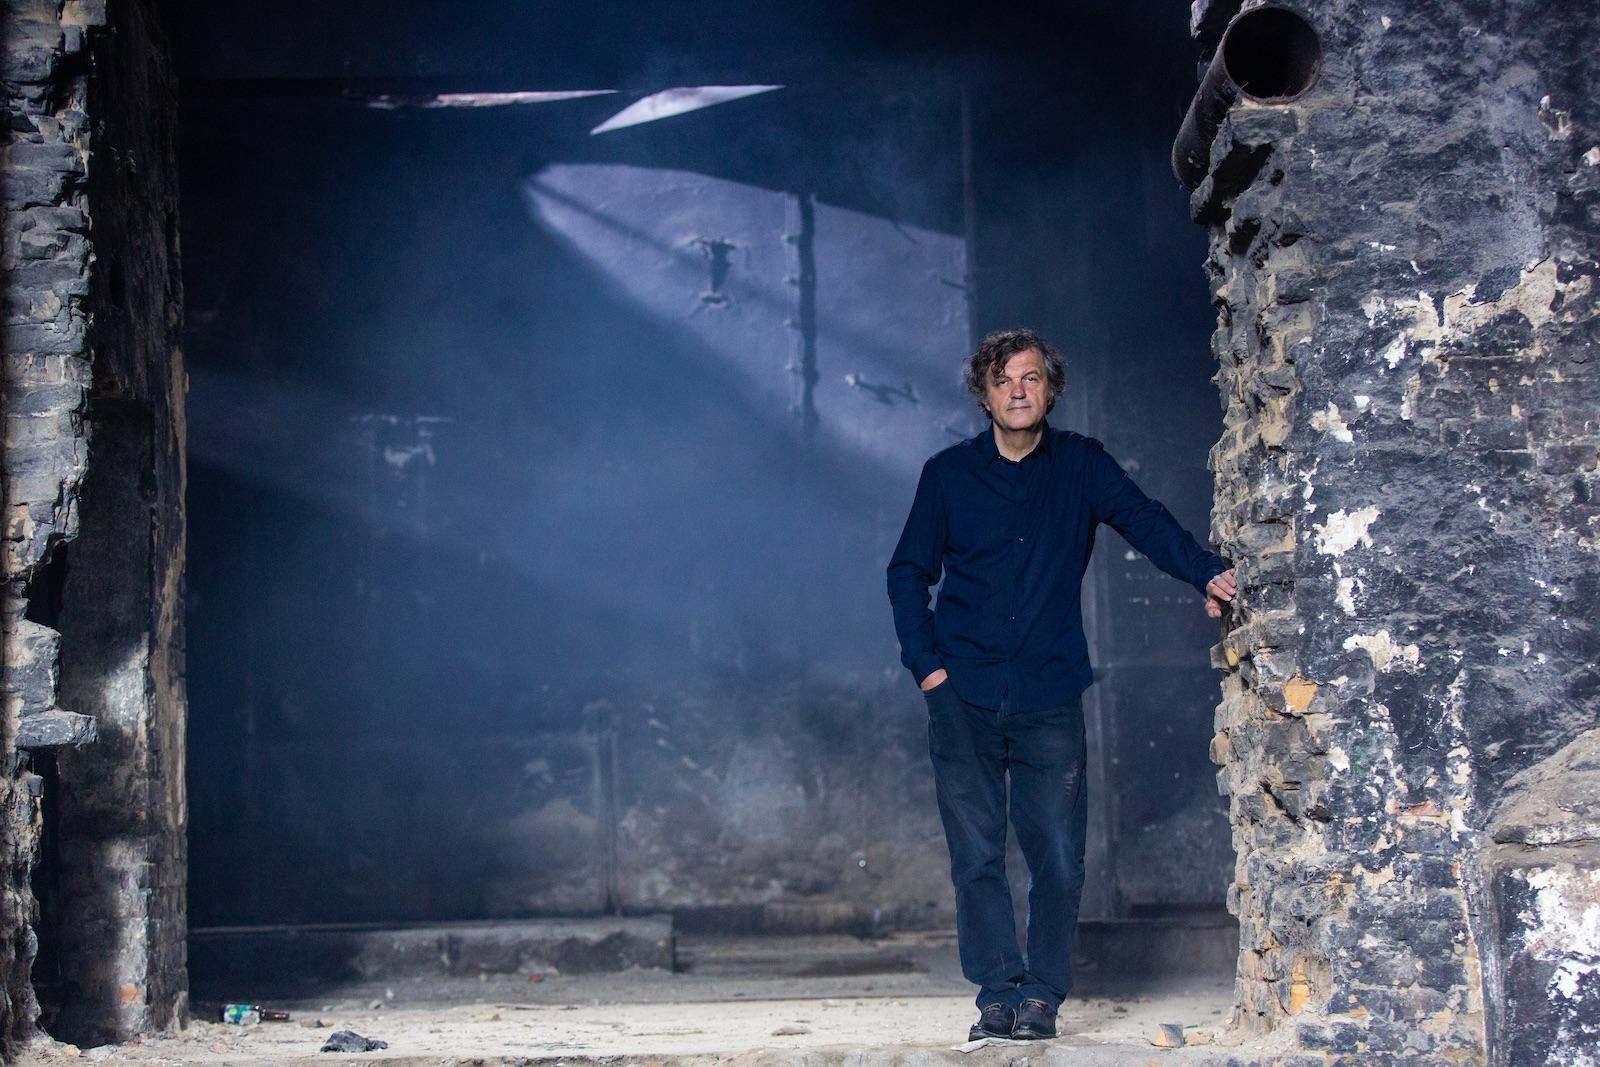 Srbský režisér, herec a hudobník Emir Kusturica